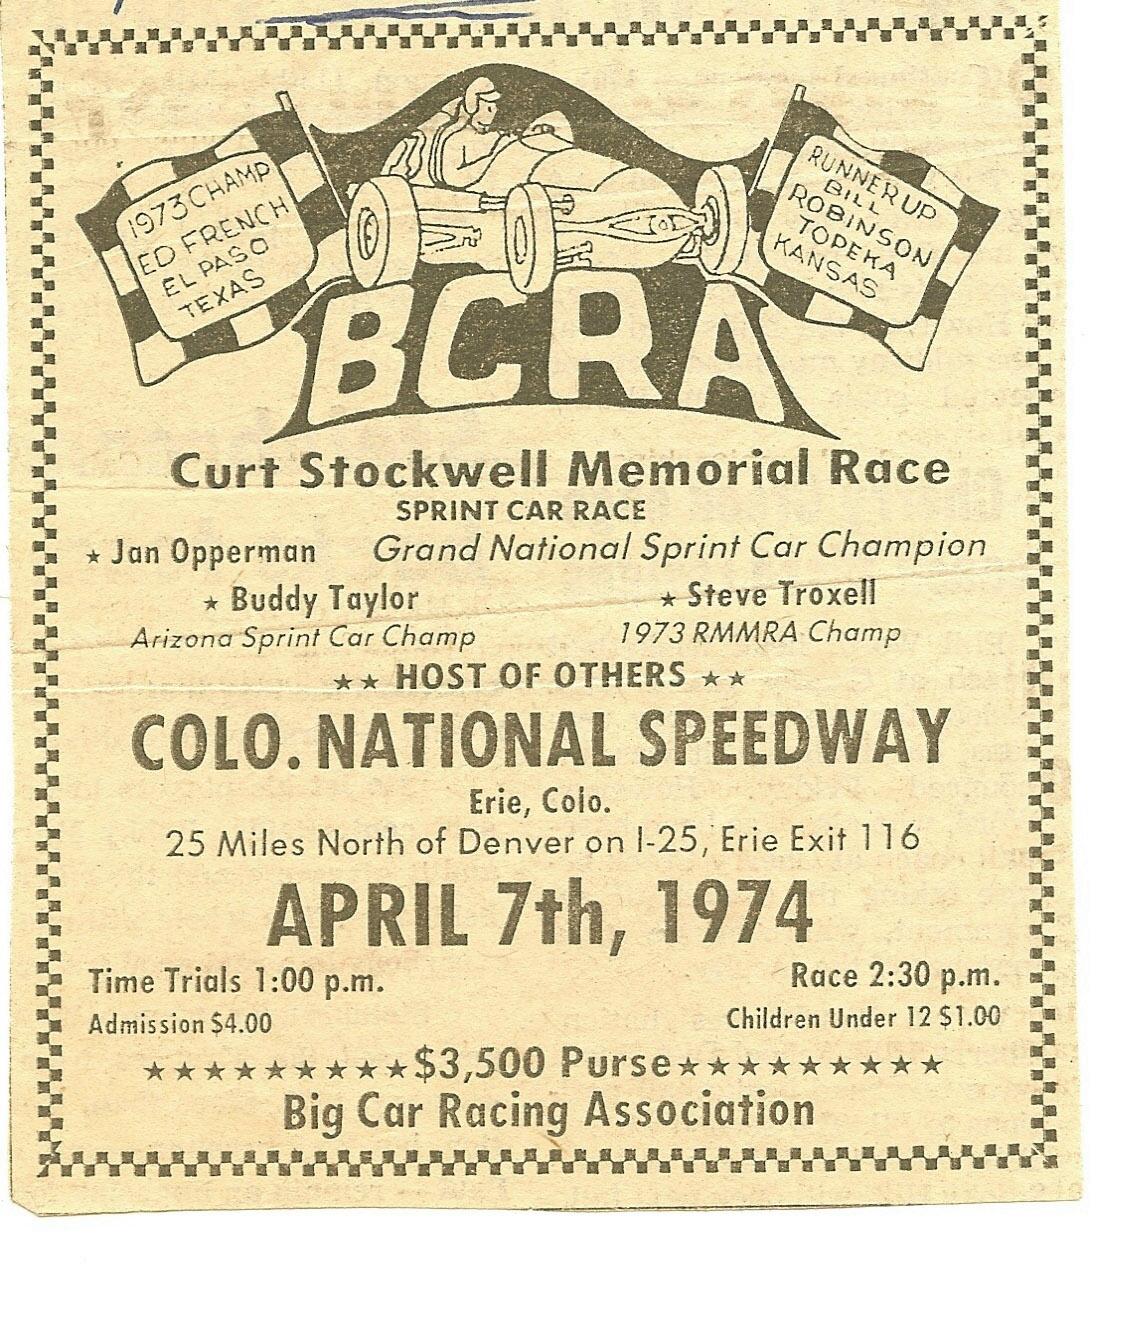 Erie Colorado - Bcra 1974